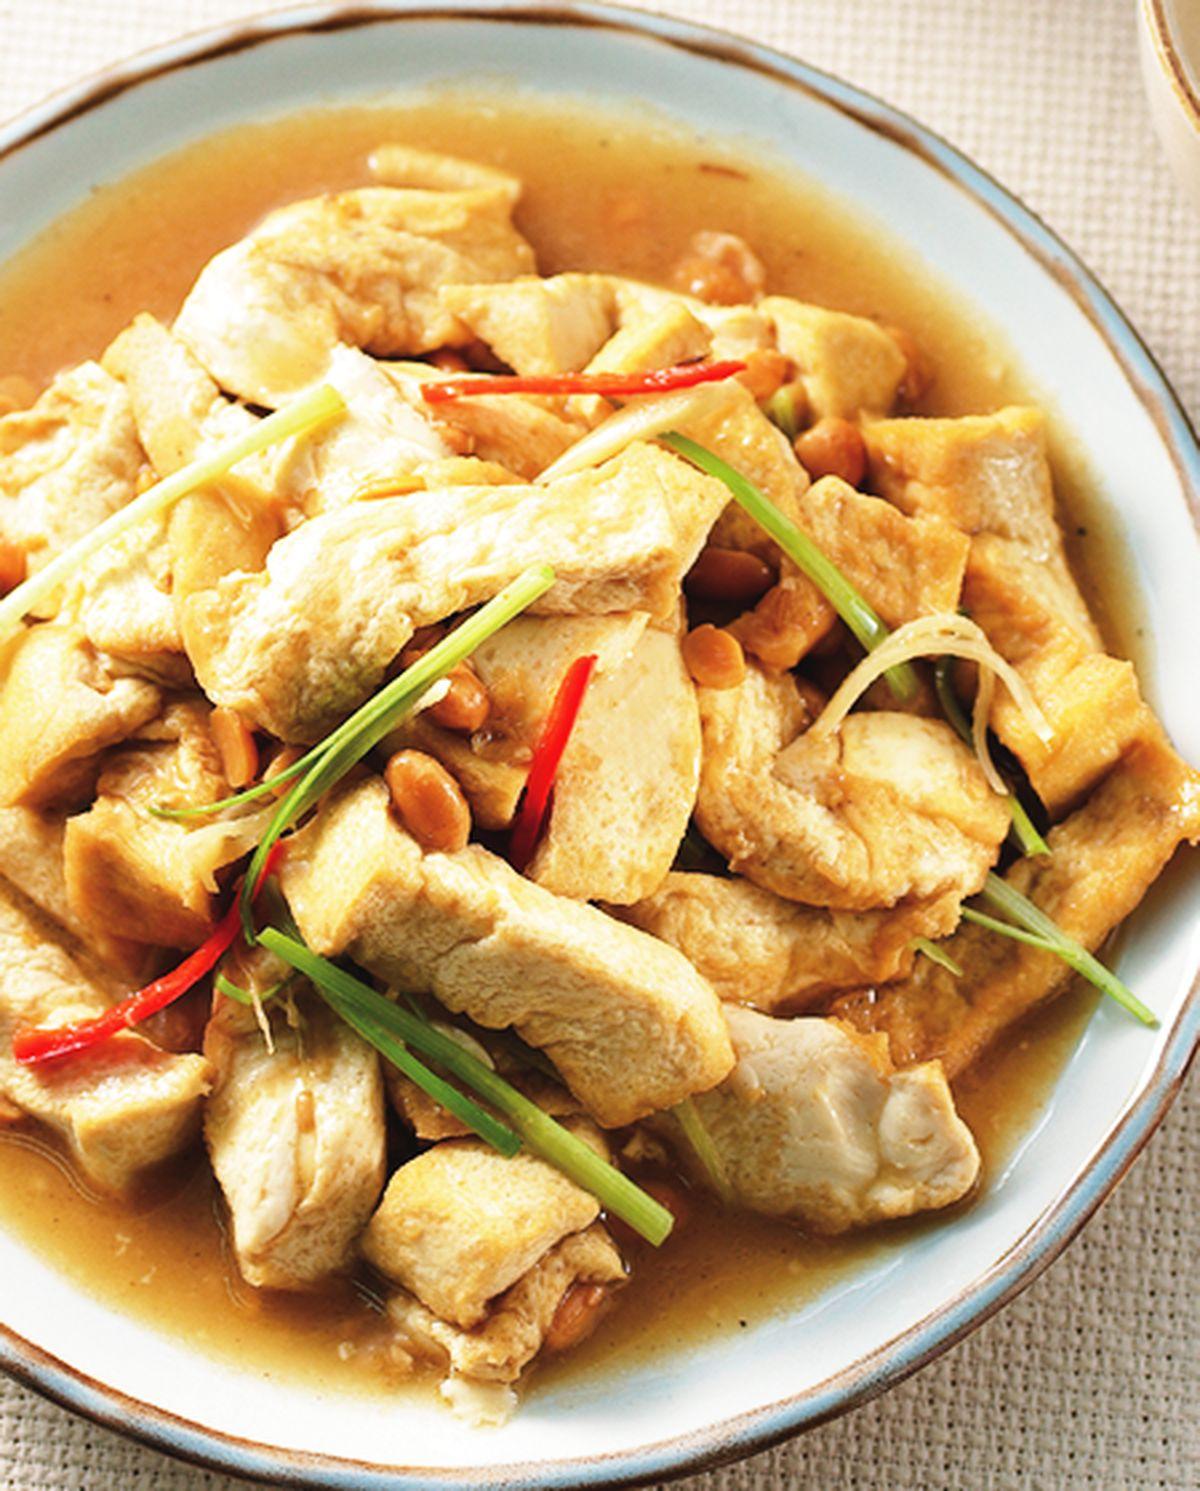 食譜:豆醬燒豆腐